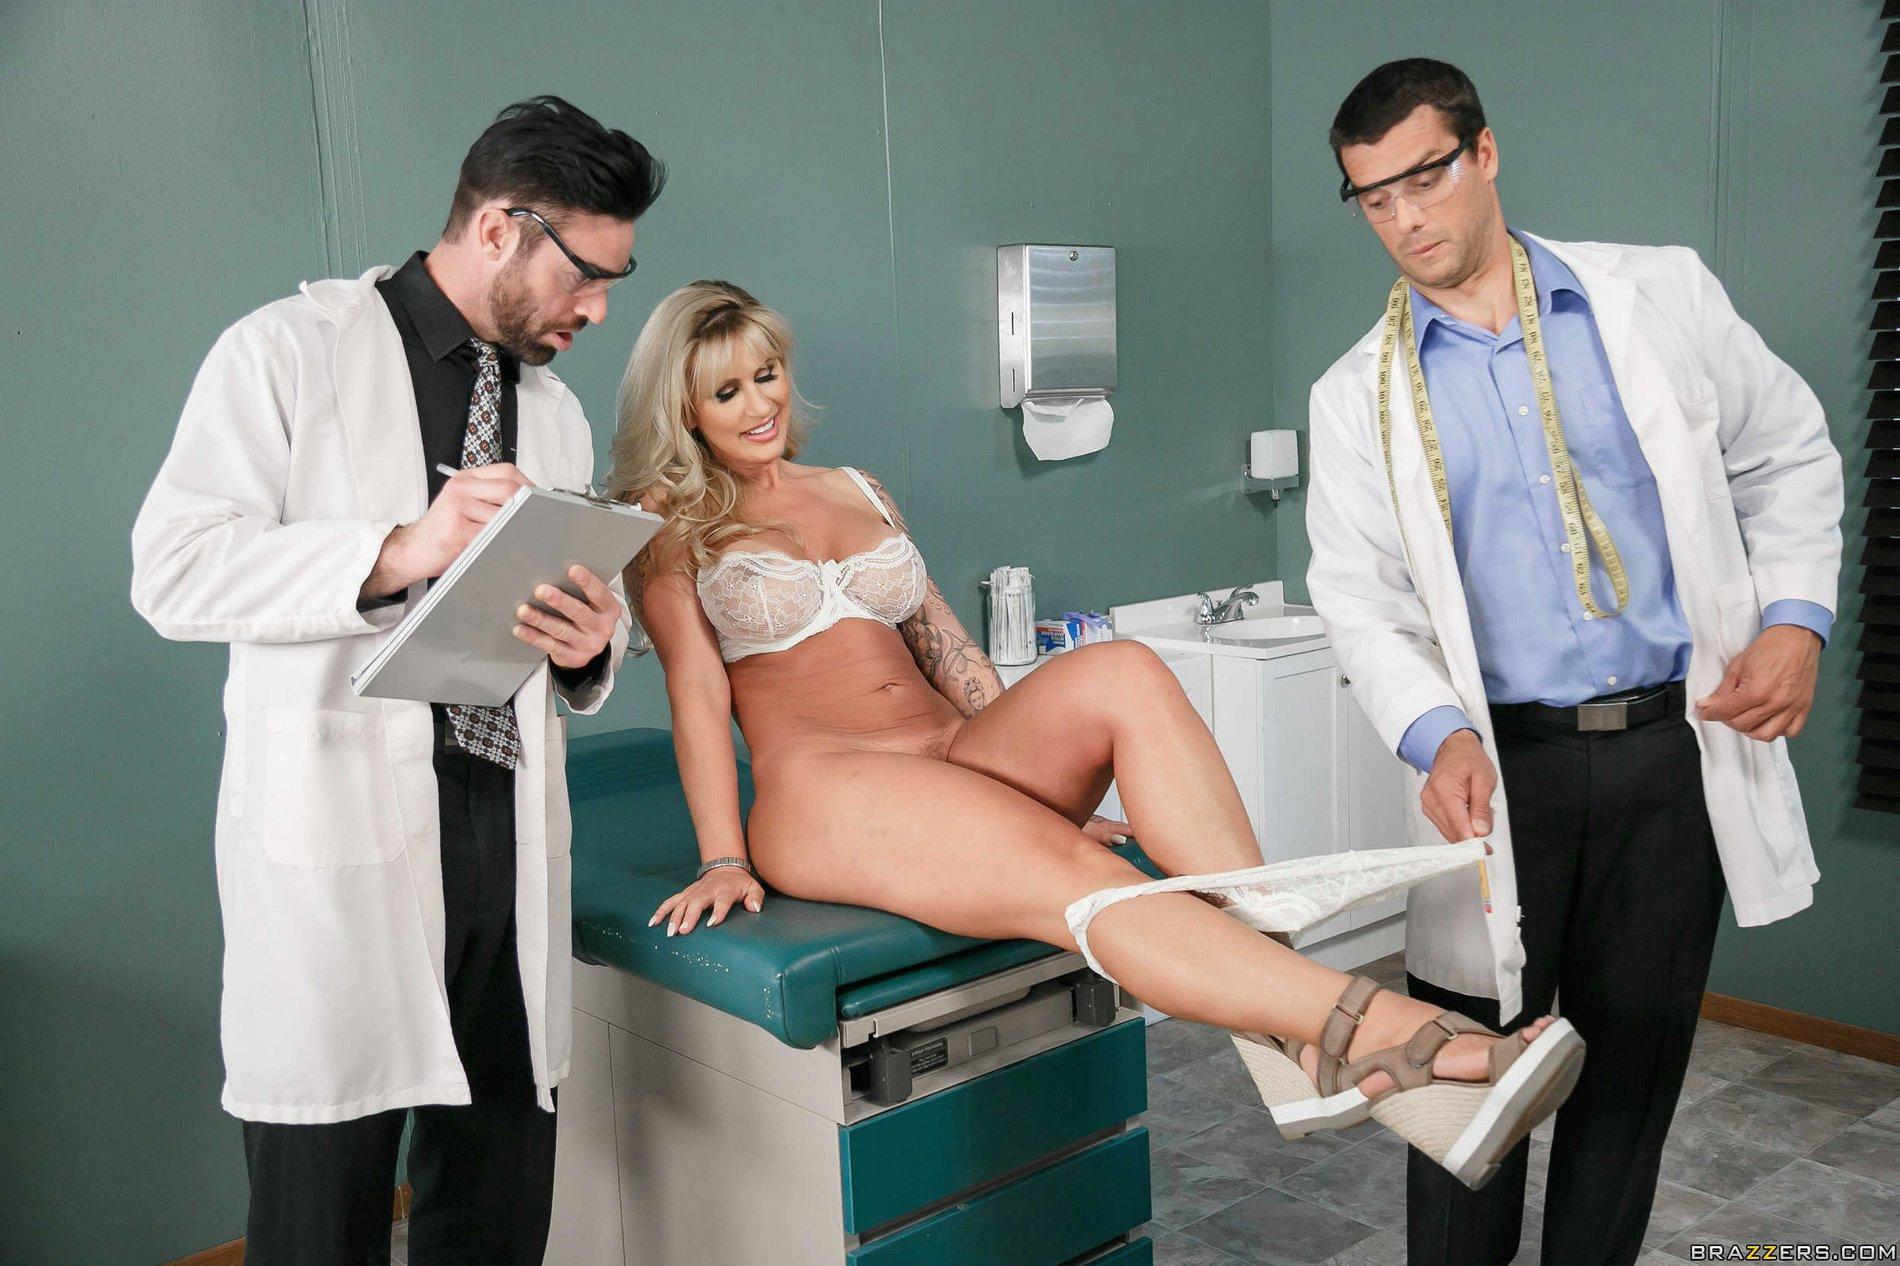 horny doctors